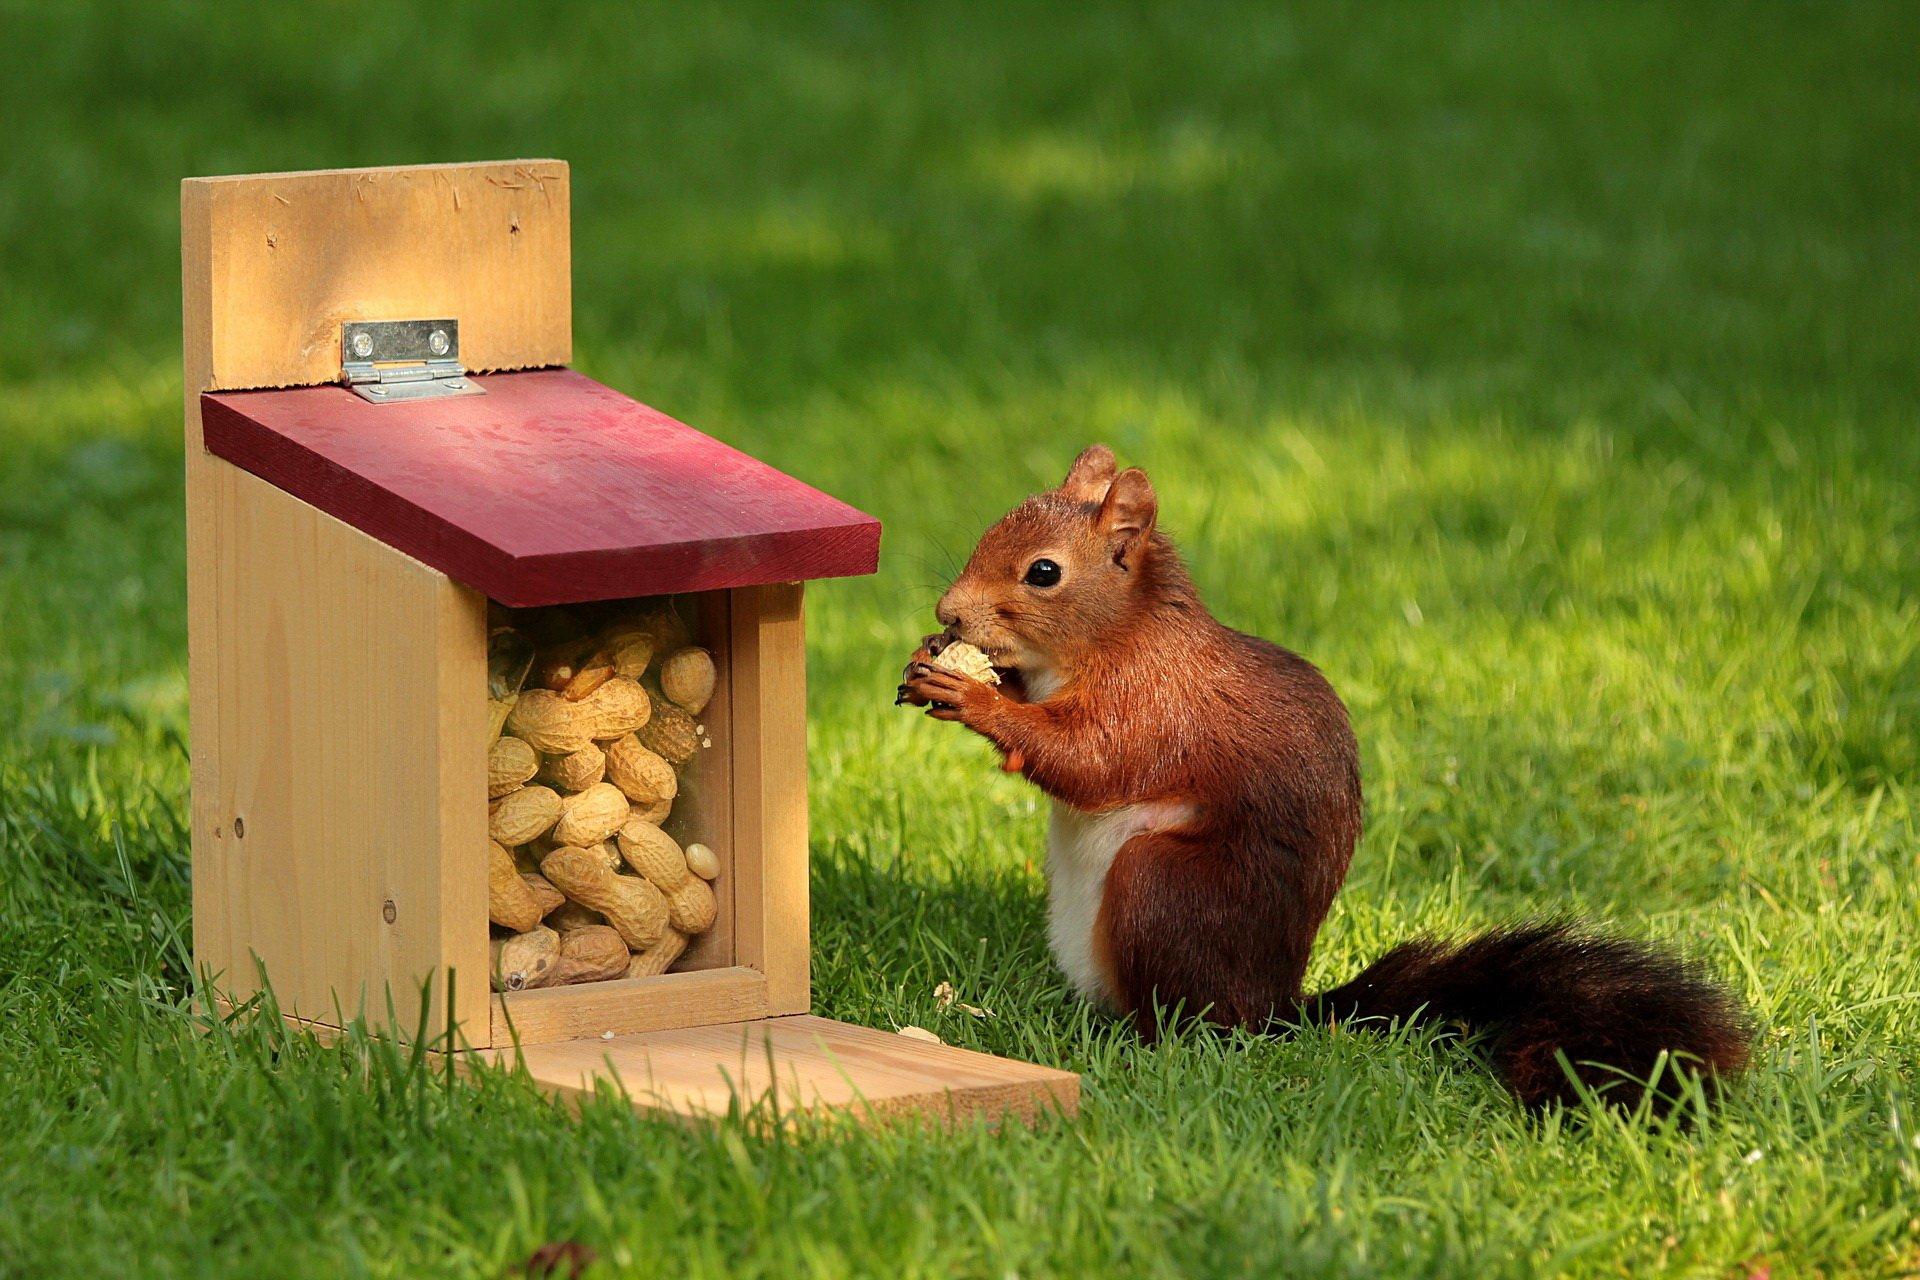 Wiewióreczko sąsiadeczko piosenki jesienne dla dzieci